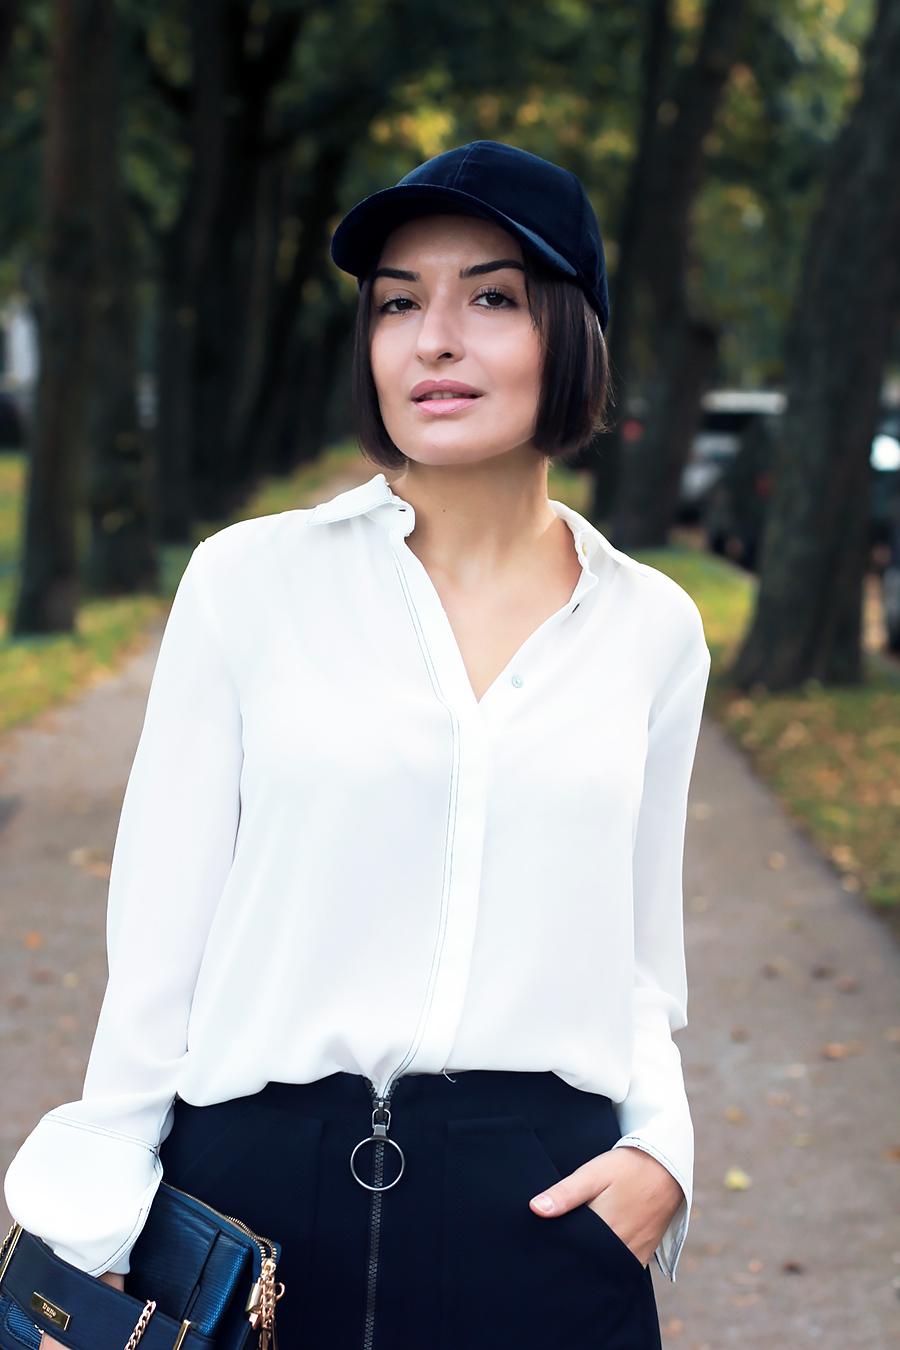 blue-outfit-cap-3